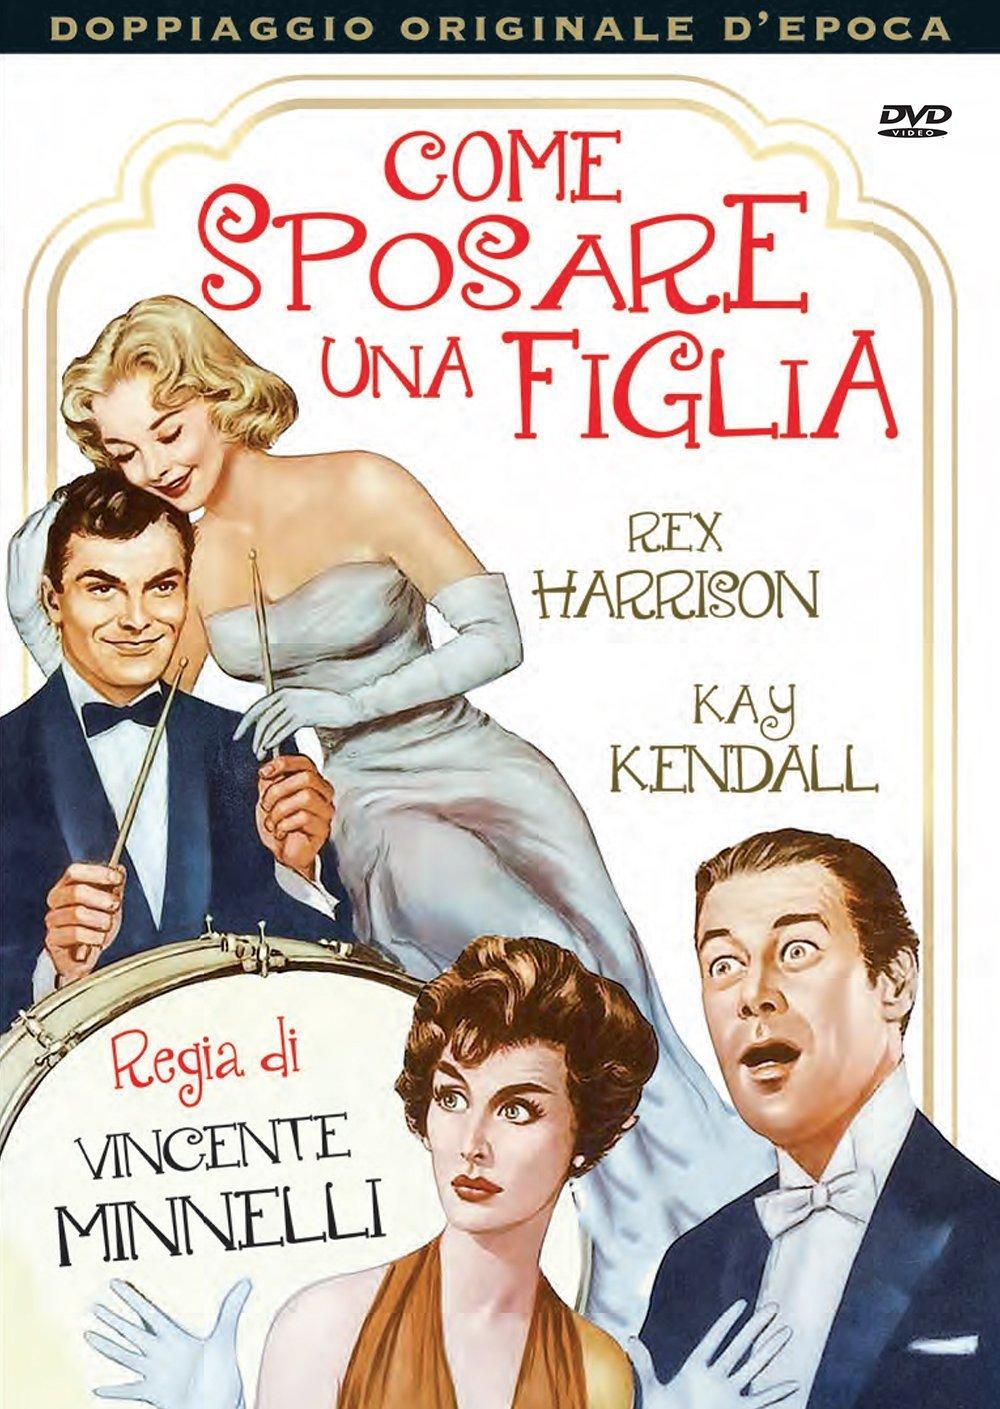 COME SPOSARE UNA FIGLIA (BUTTERFLY) (DVD)